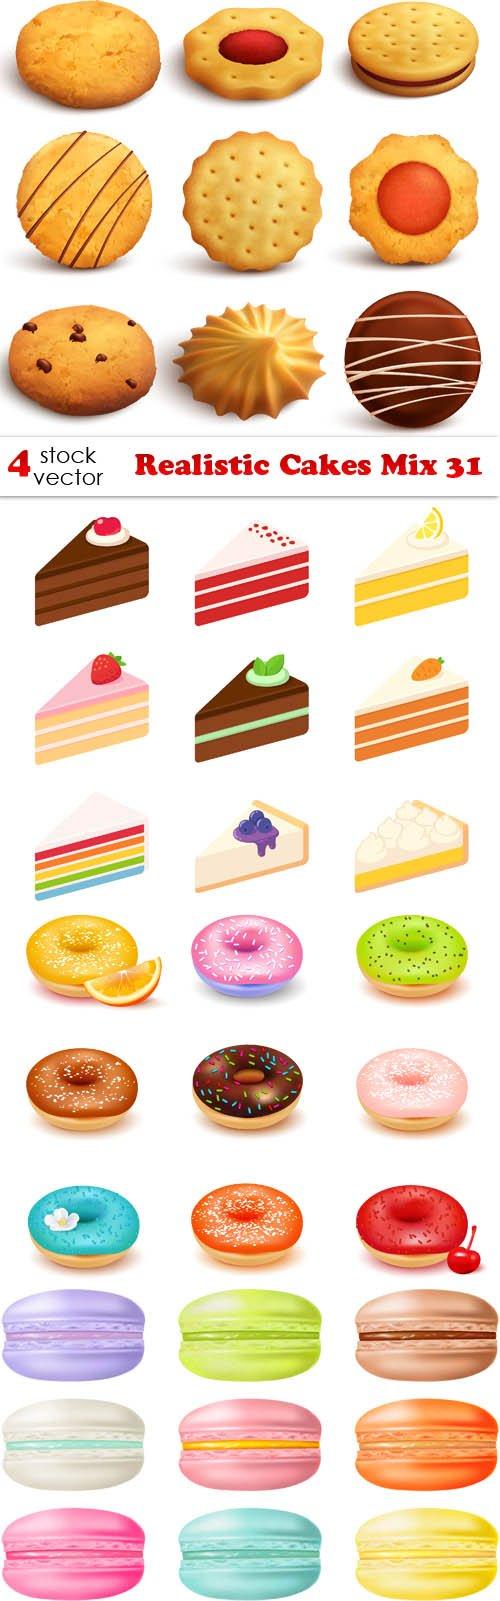 Vectors - Realistic Cakes Mix 31